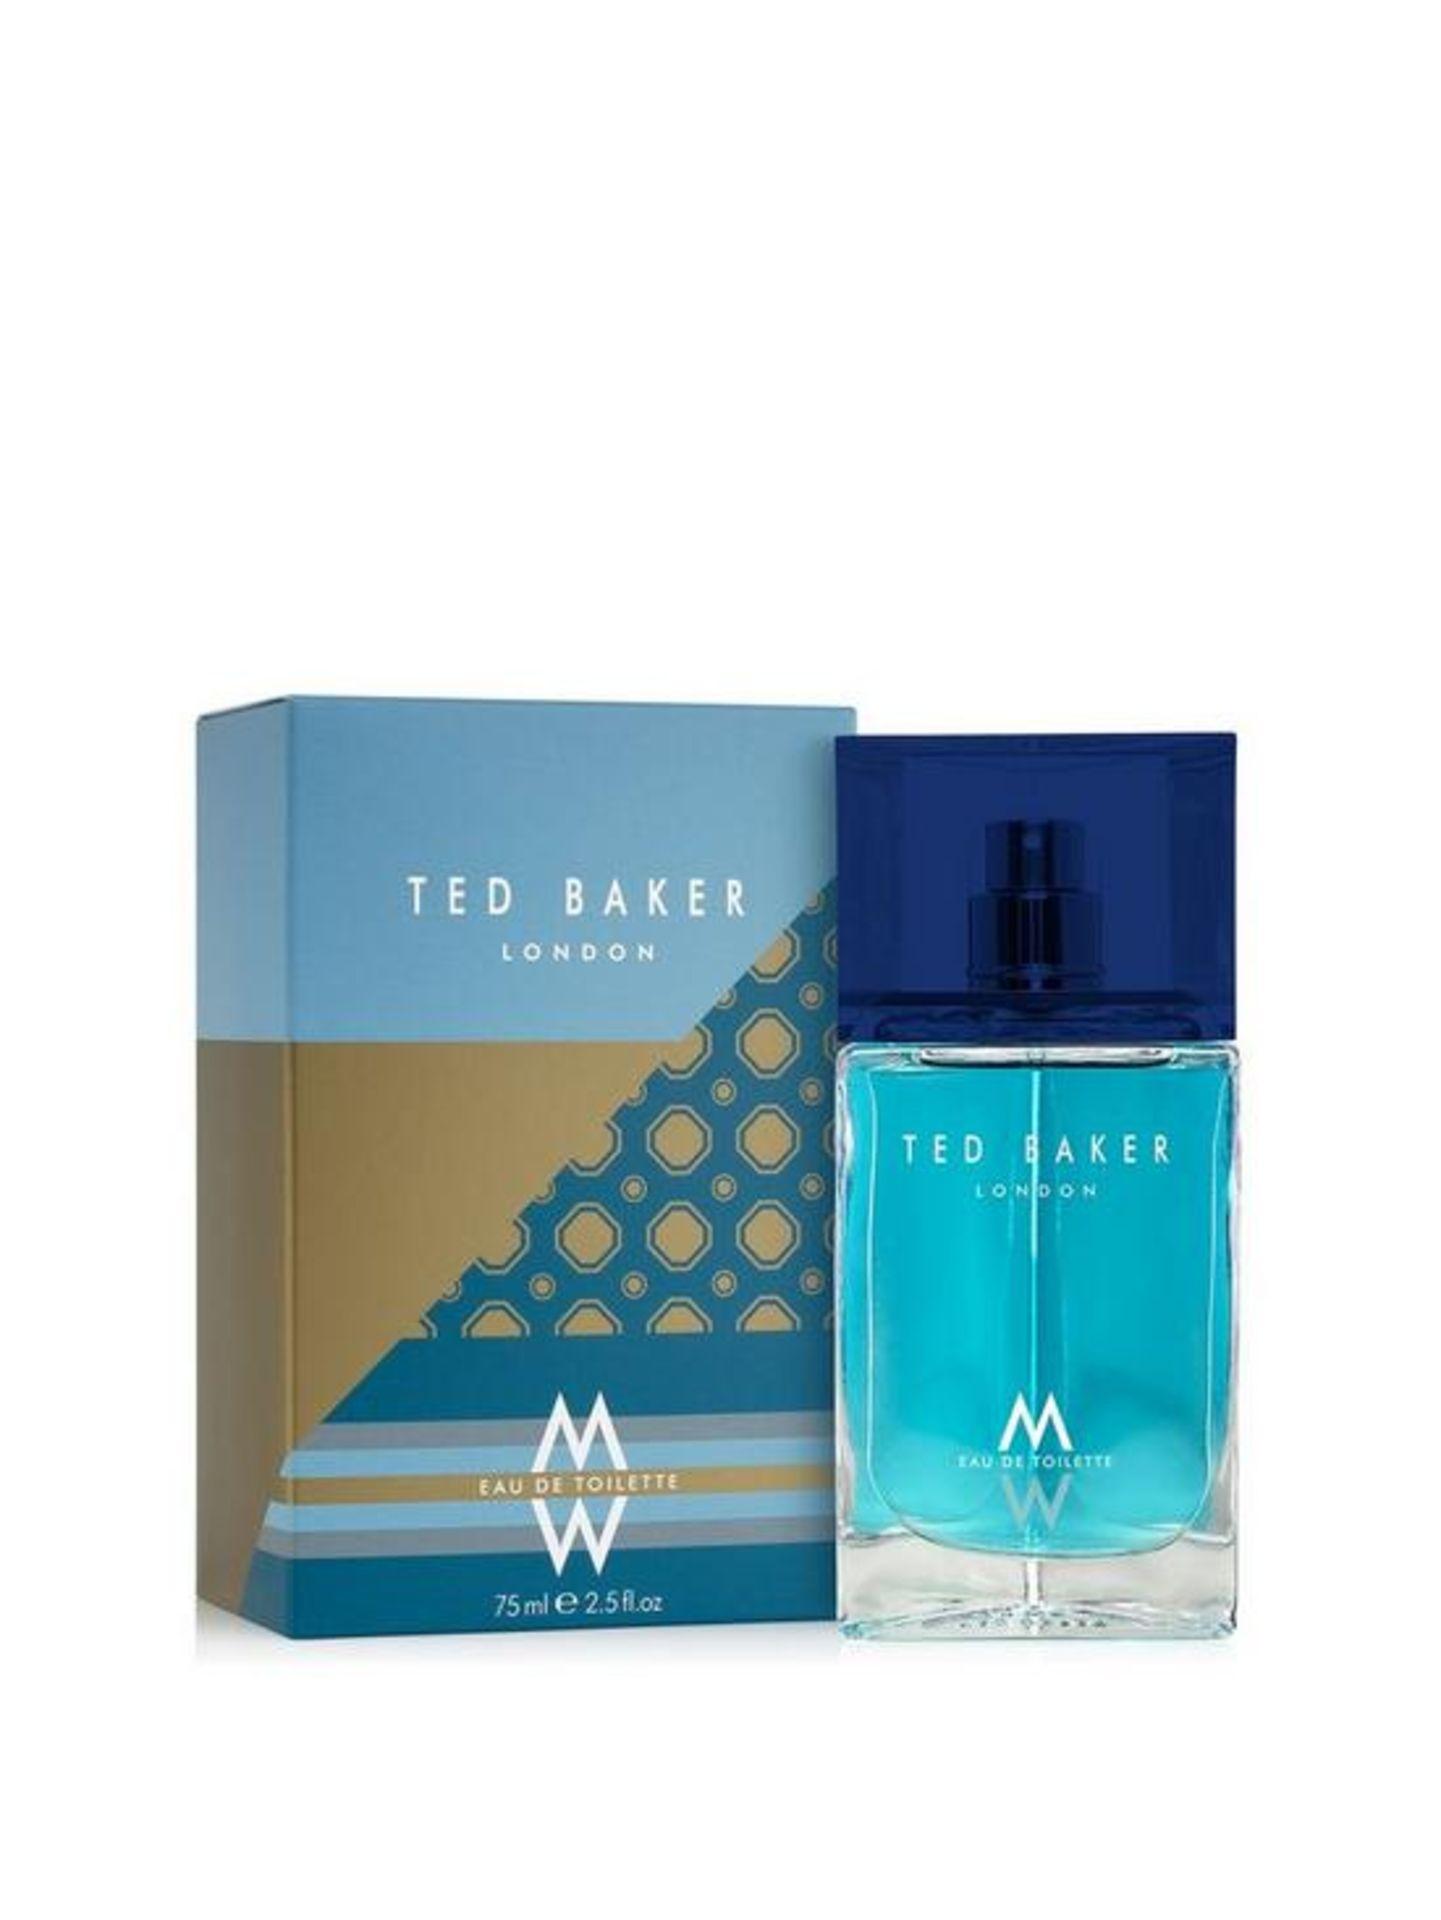 Lot 51603 - V Brand New Ted Baker M Eau De Toilette 75ml